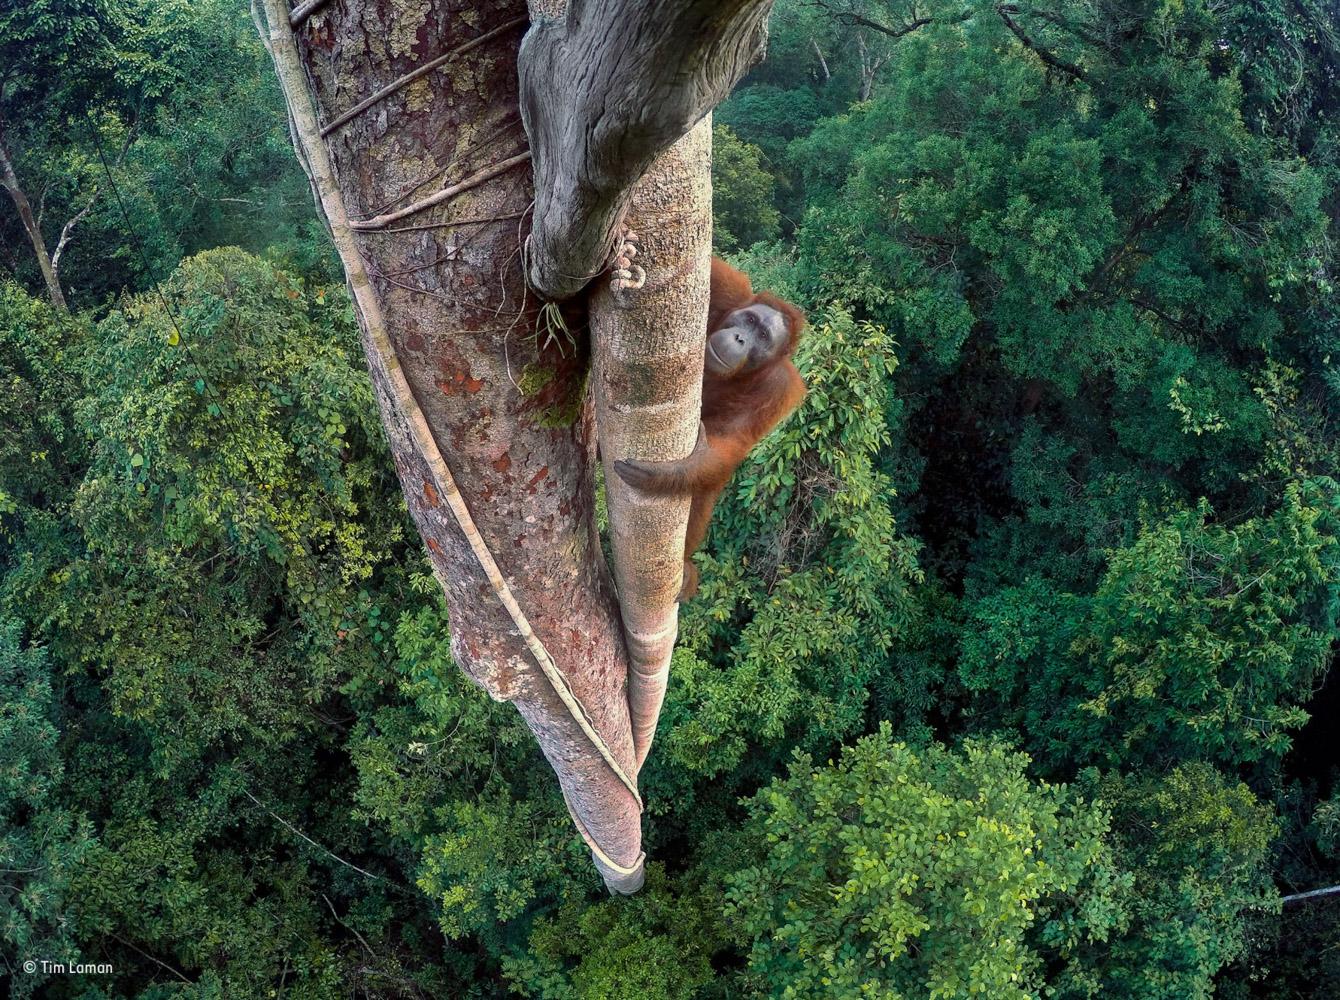 Лучшие фотографии дикой природы 2016 года